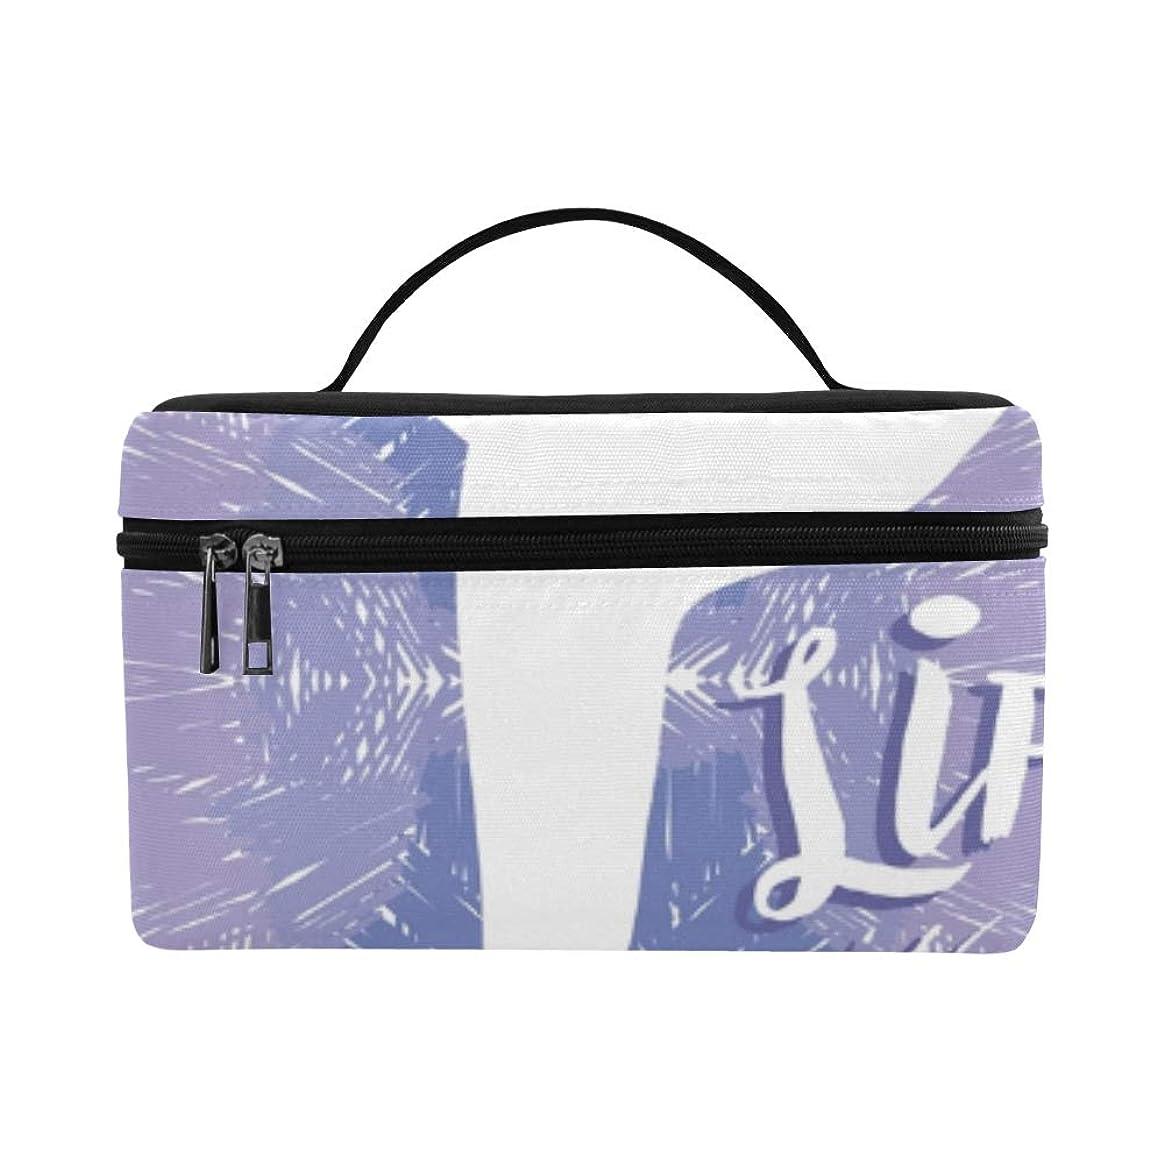 初心者適応目指すGXMAN メイクボックス コスメ収納 化粧品収納ケース 大容量 収納ボックス 化粧品入れ 化粧バッグ 旅行用 メイクブラシバッグ 化粧箱 持ち運び便利 プロ用 バレエ